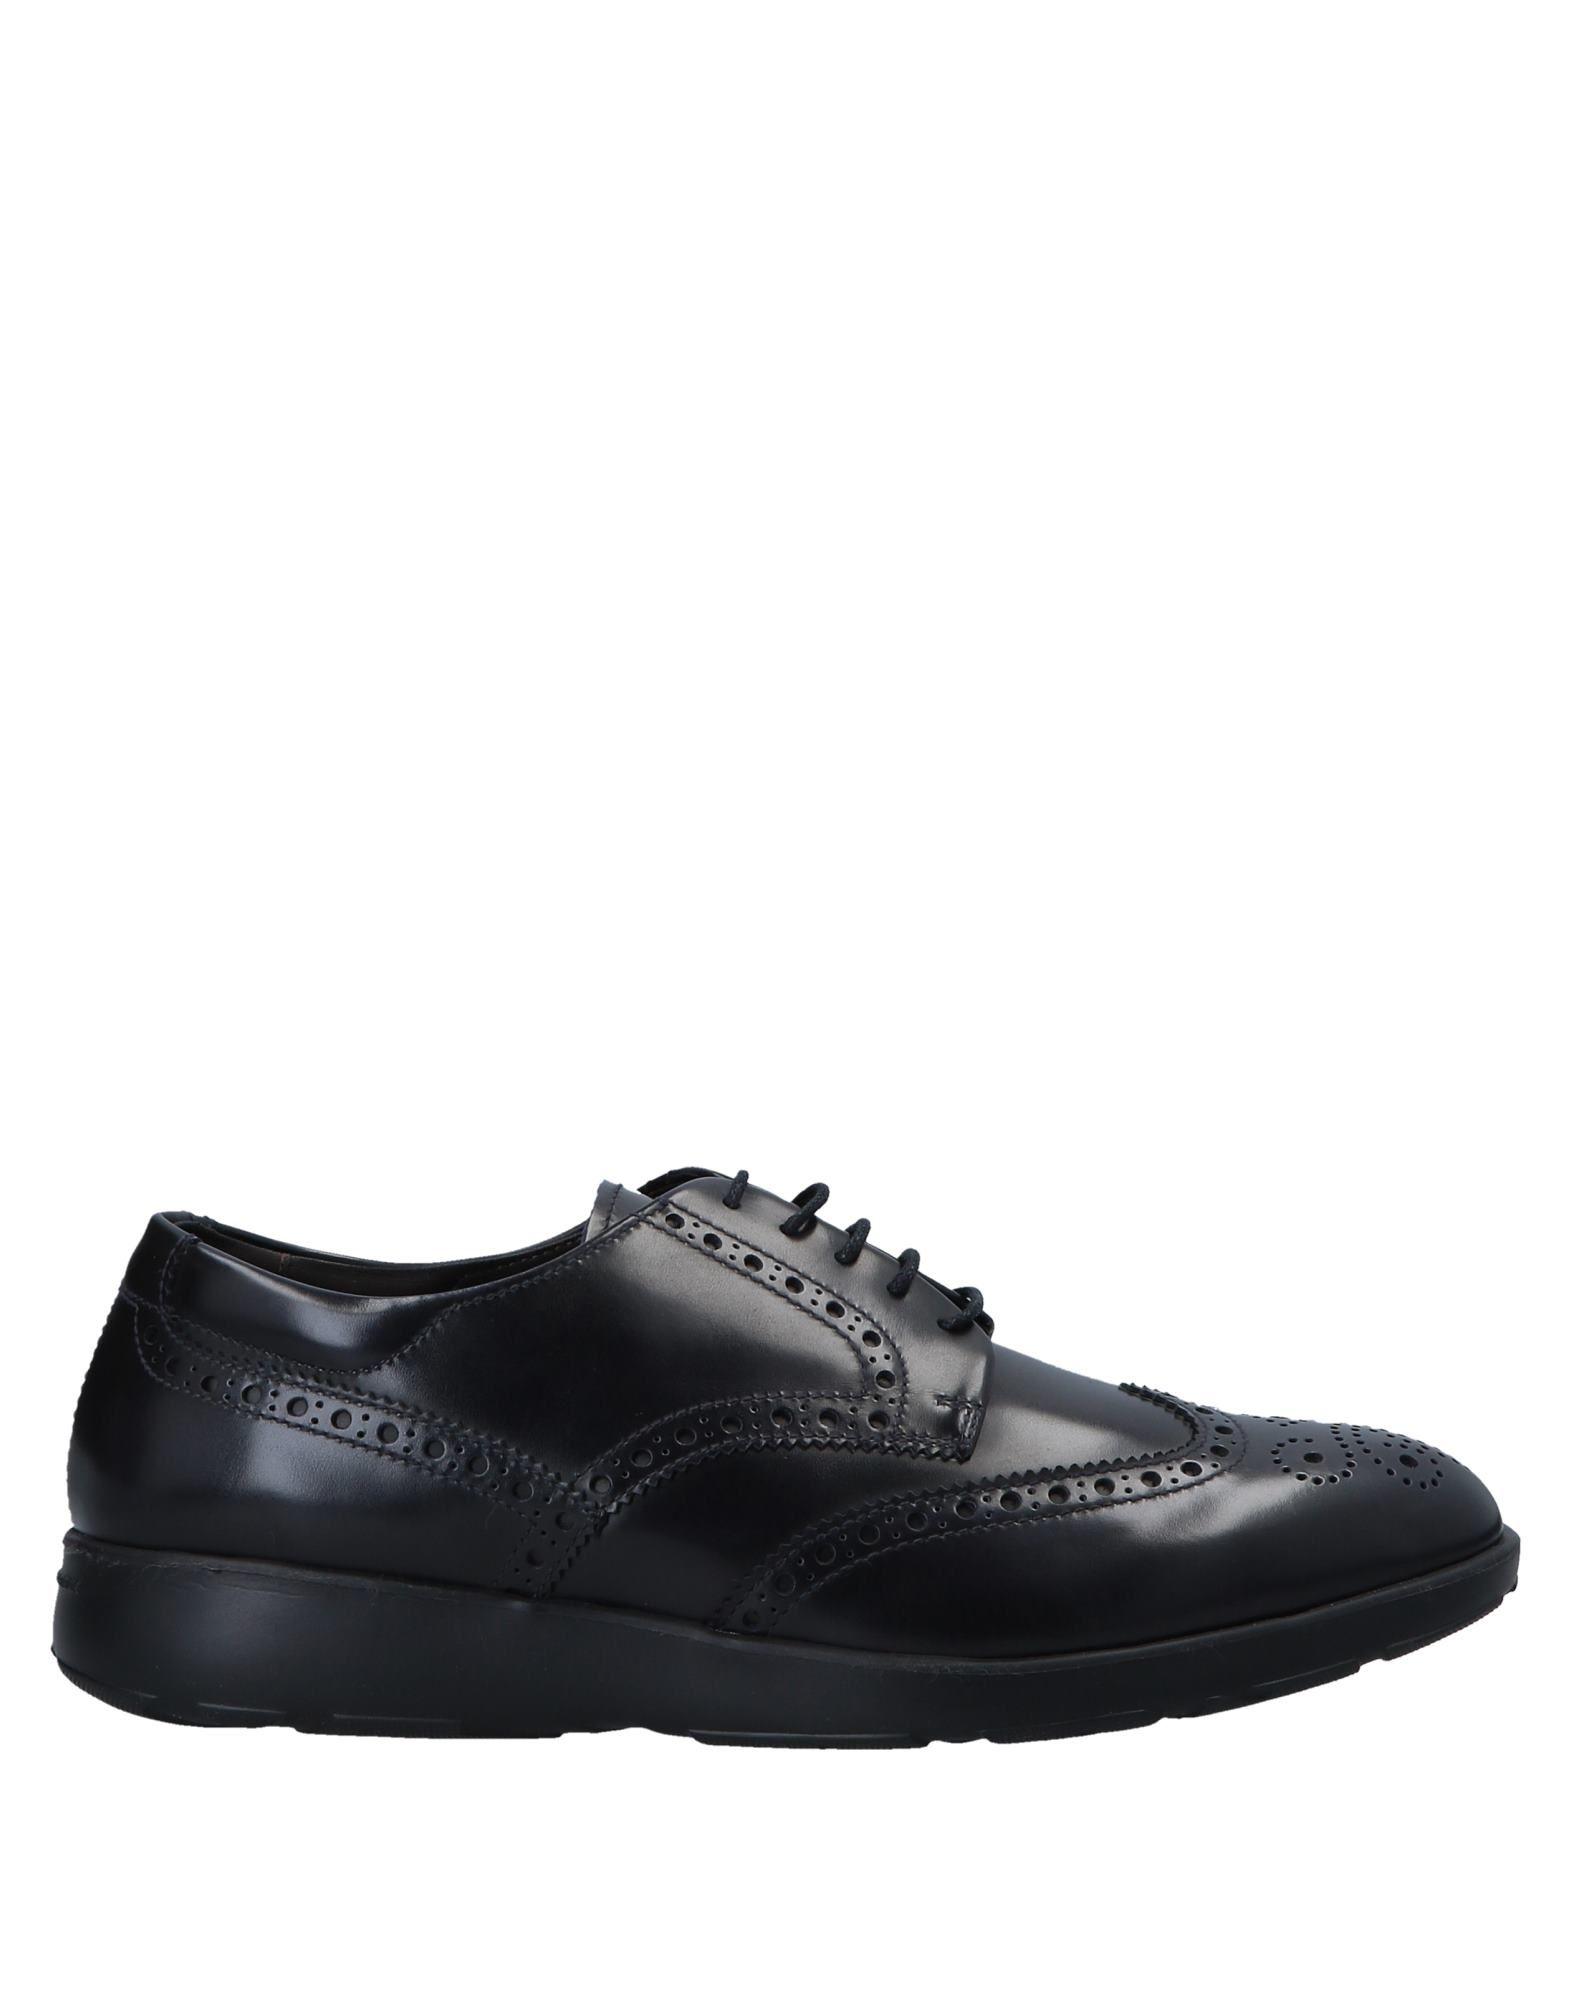 Fratelli Rossetti Schnürschuhe Herren  11550043TF Gute Qualität beliebte Schuhe